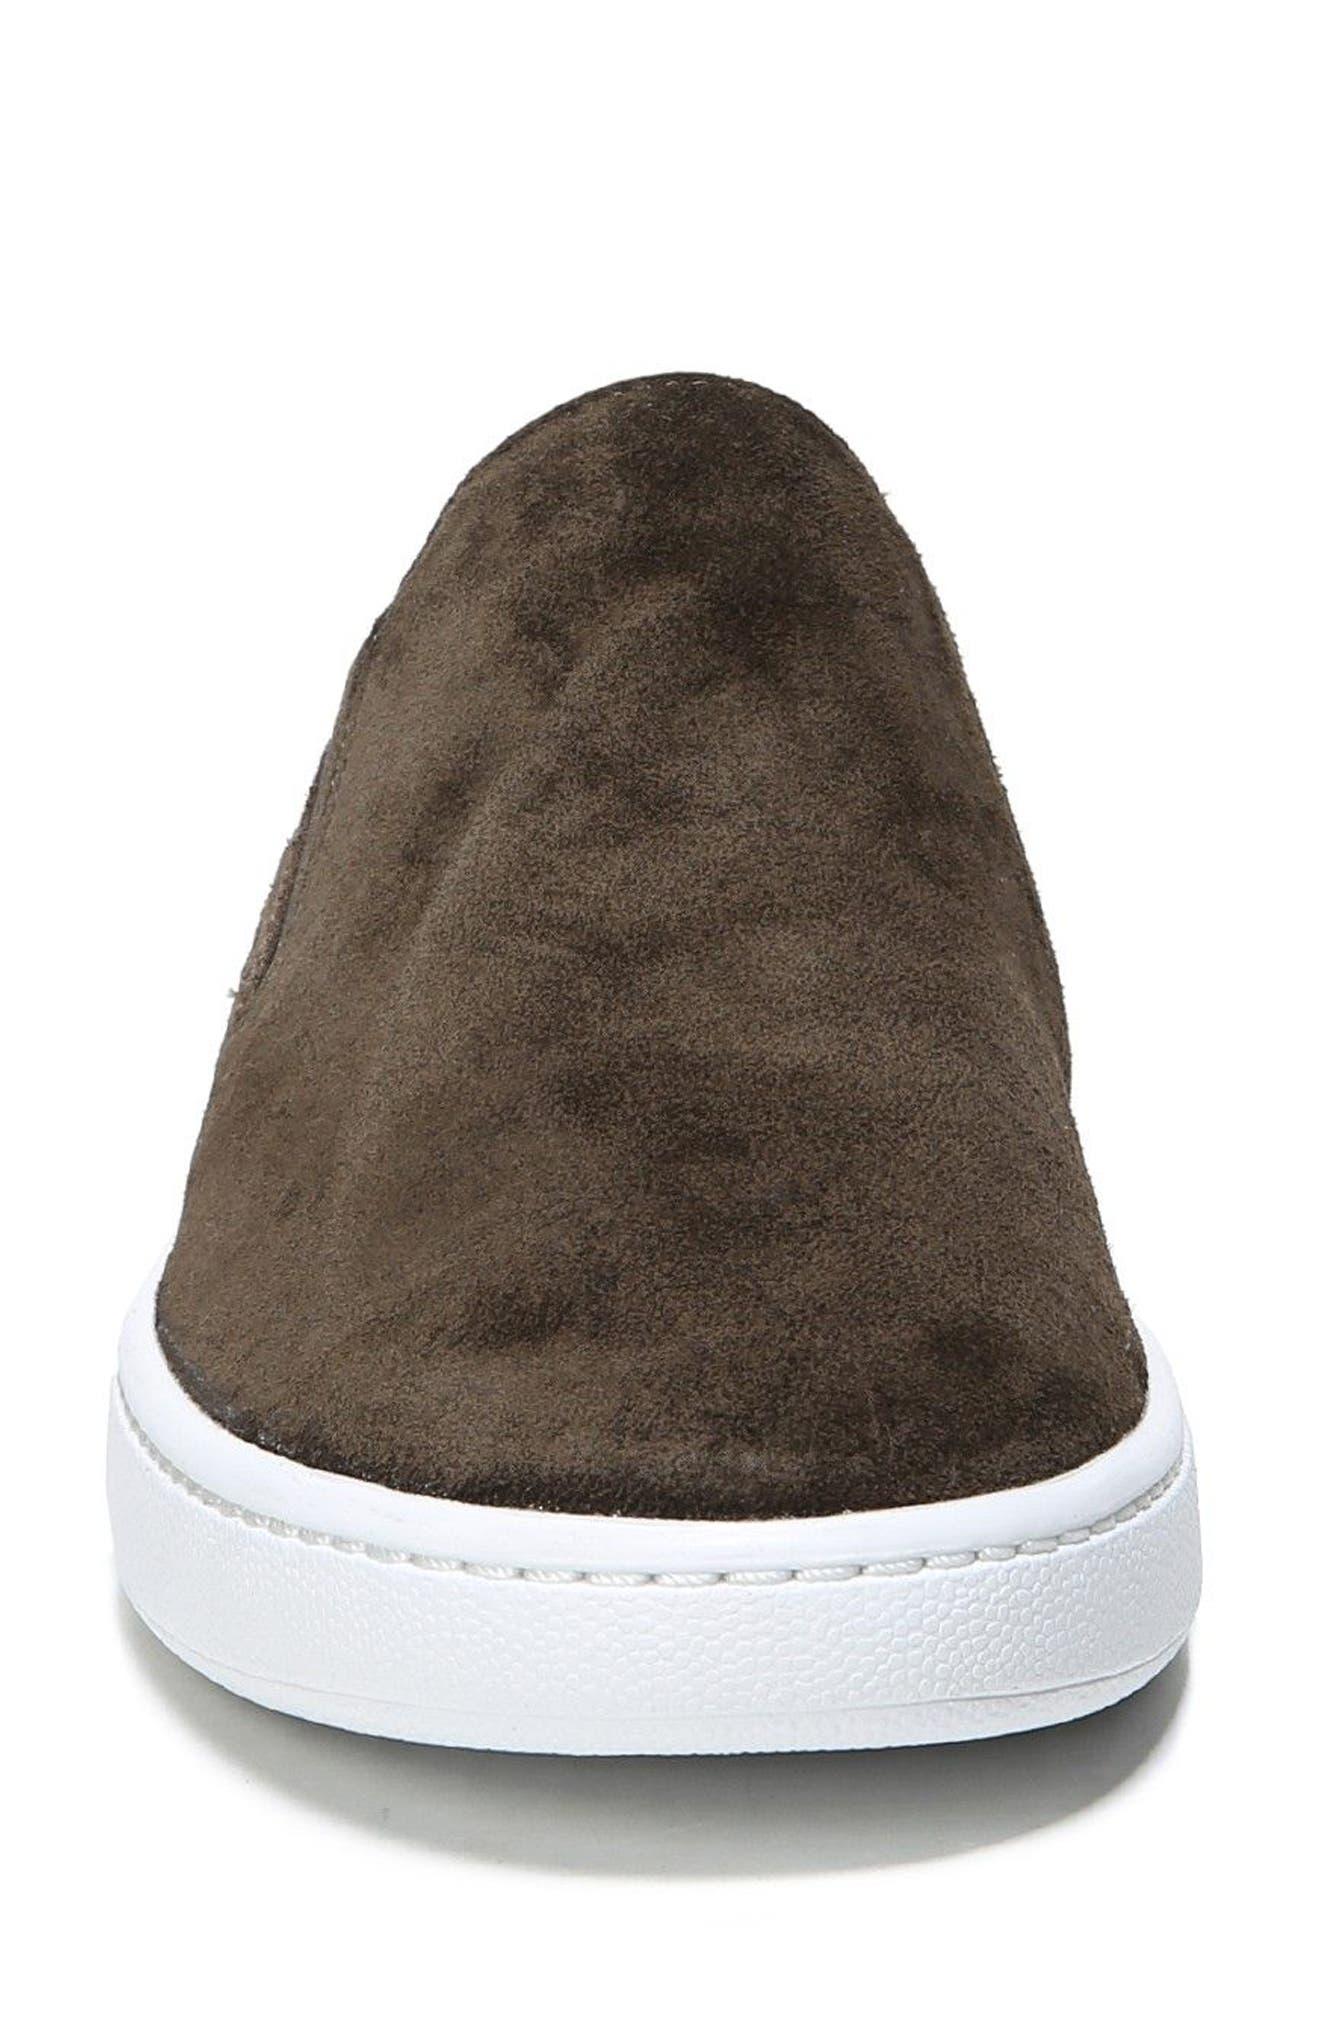 Verrell Slip-On Sneaker,                             Alternate thumbnail 35, color,